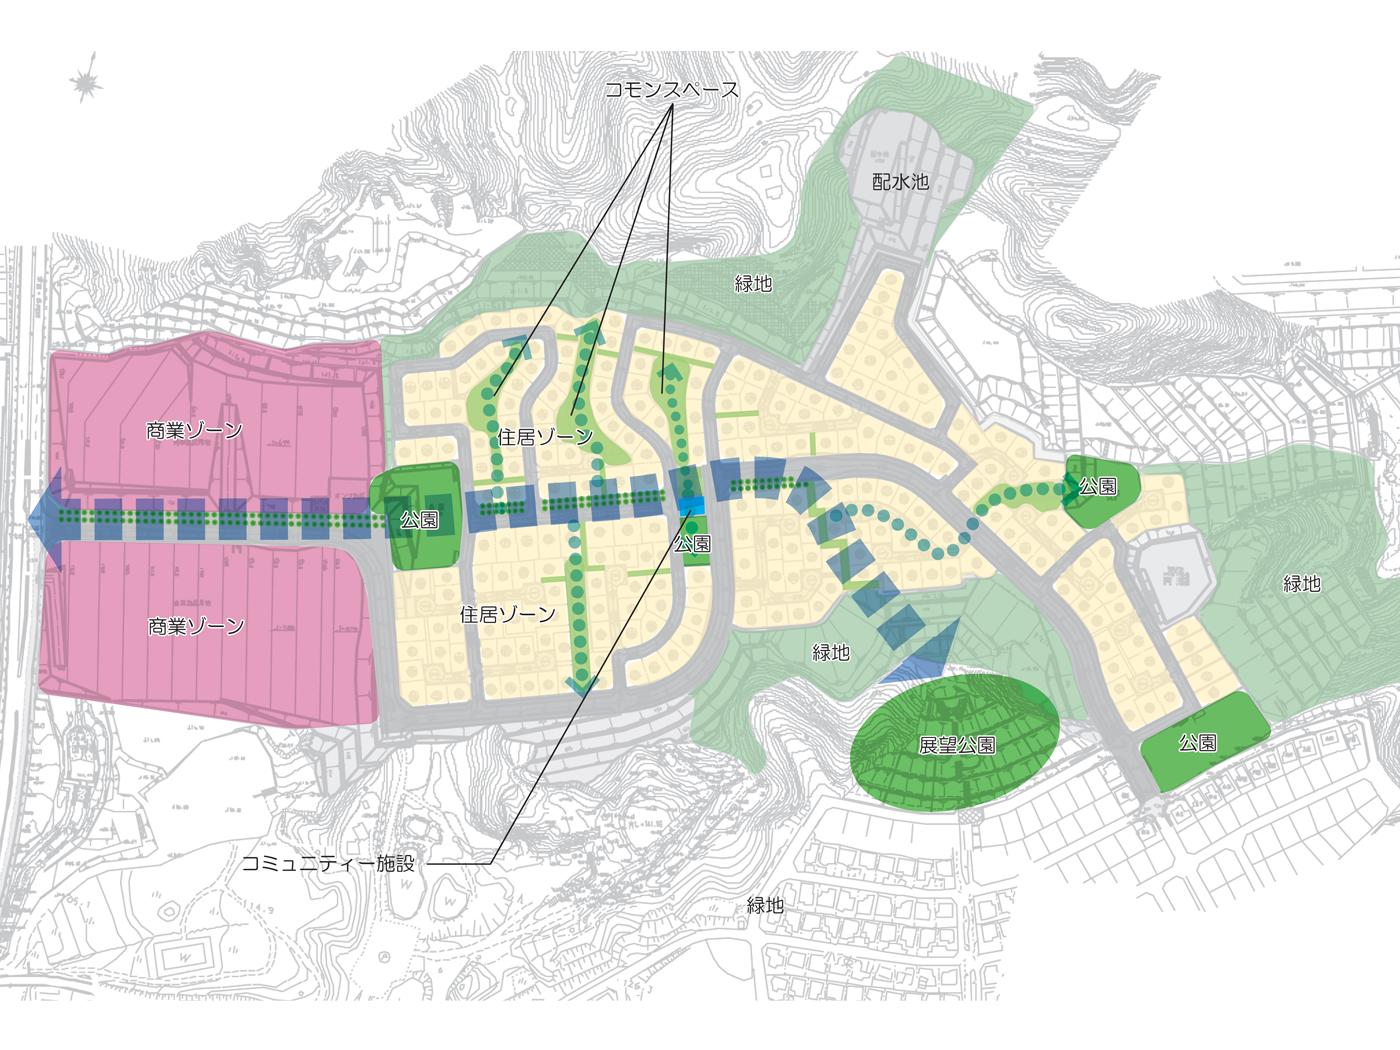 垂水地区住宅開発計画